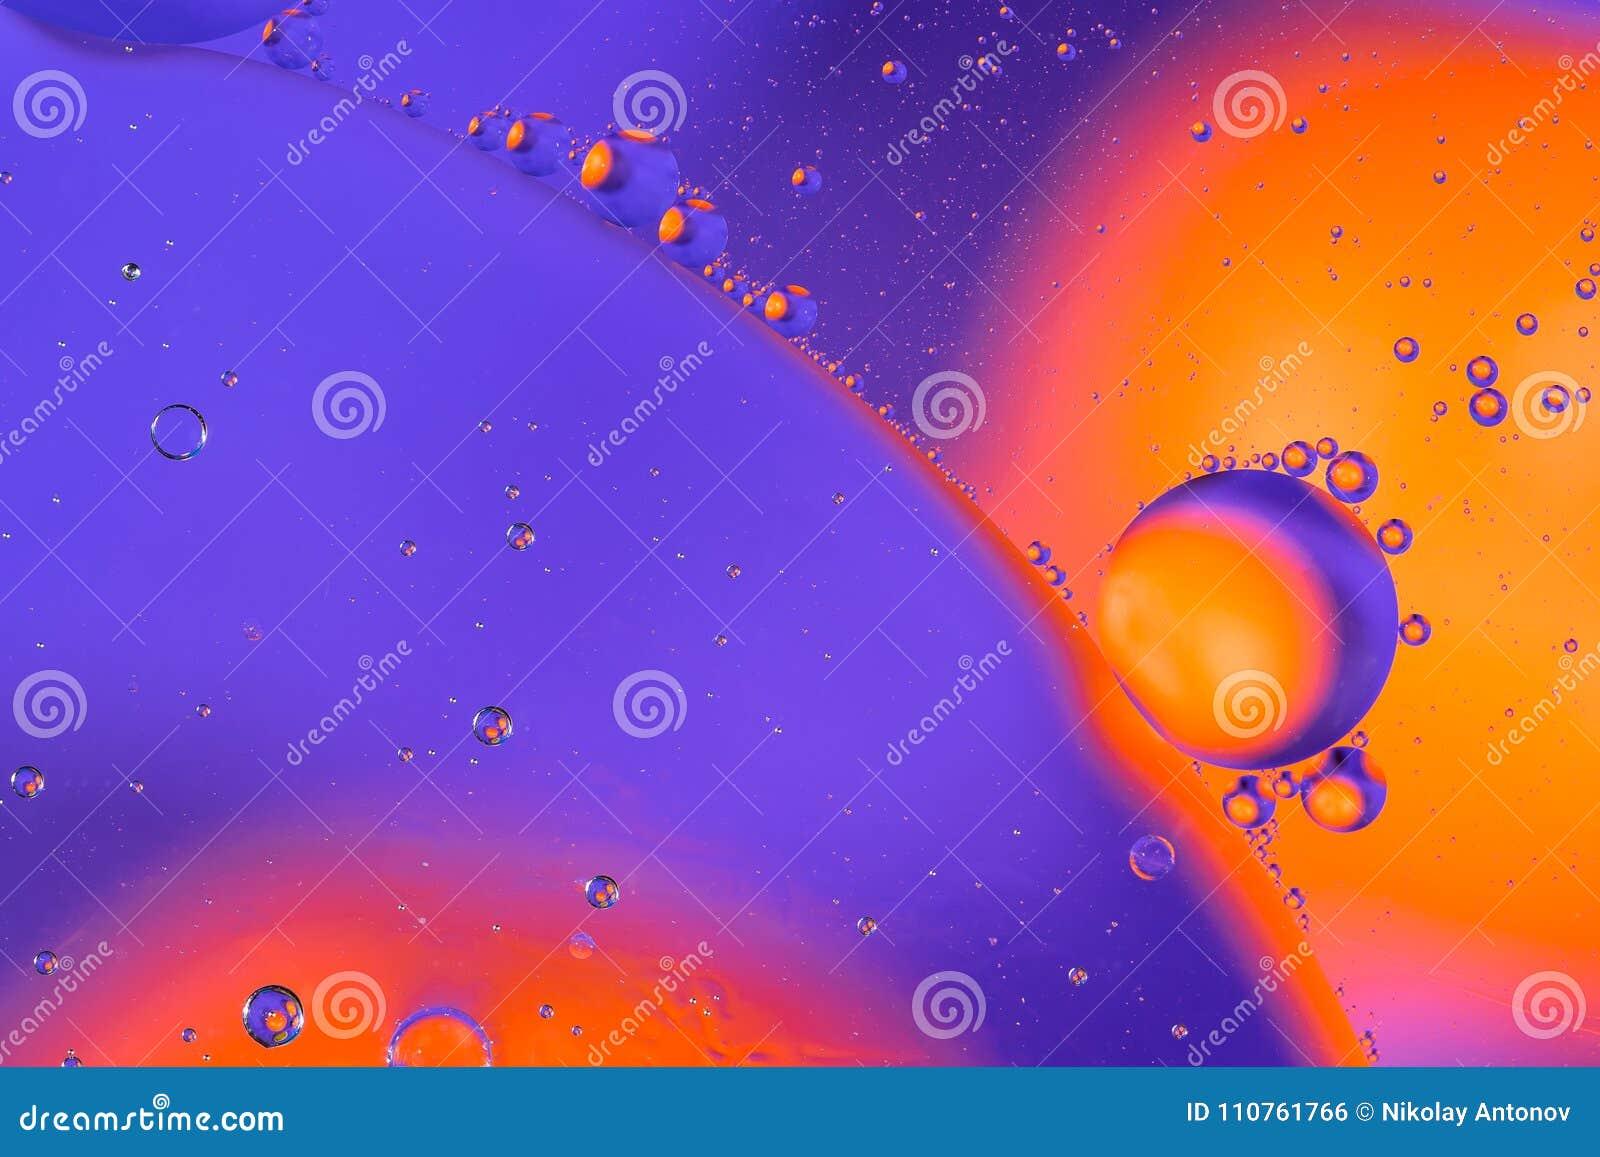 Wissenschaftliches Bild der Zellmembran Makro oben von flüssigen Substanzen Abstraktes Molekülatom sctructure Hintergrund, Bad, b